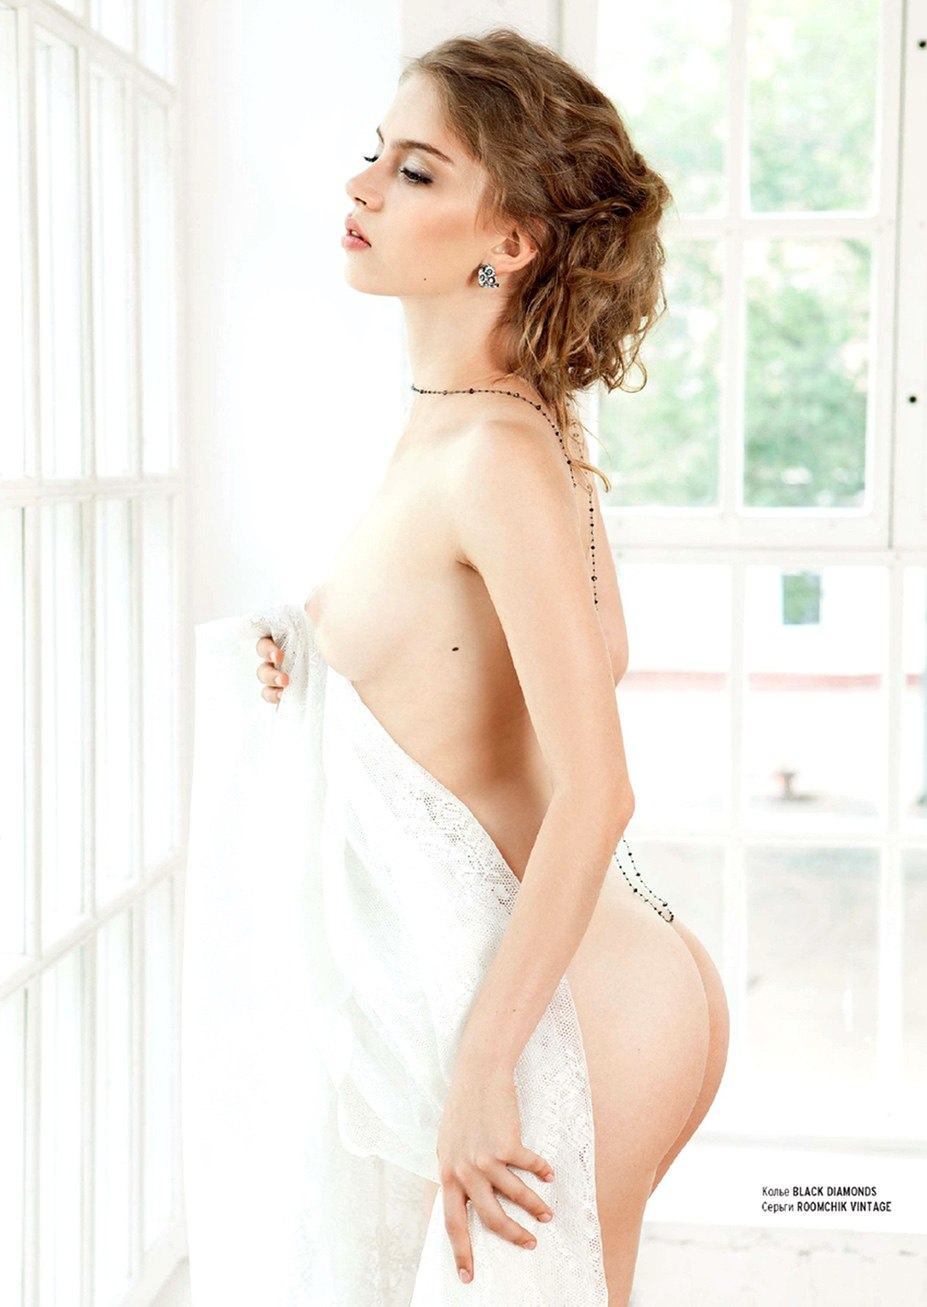 Анастасия Злобич - девушка месяца в Playboy Россия, сентябрь 2013